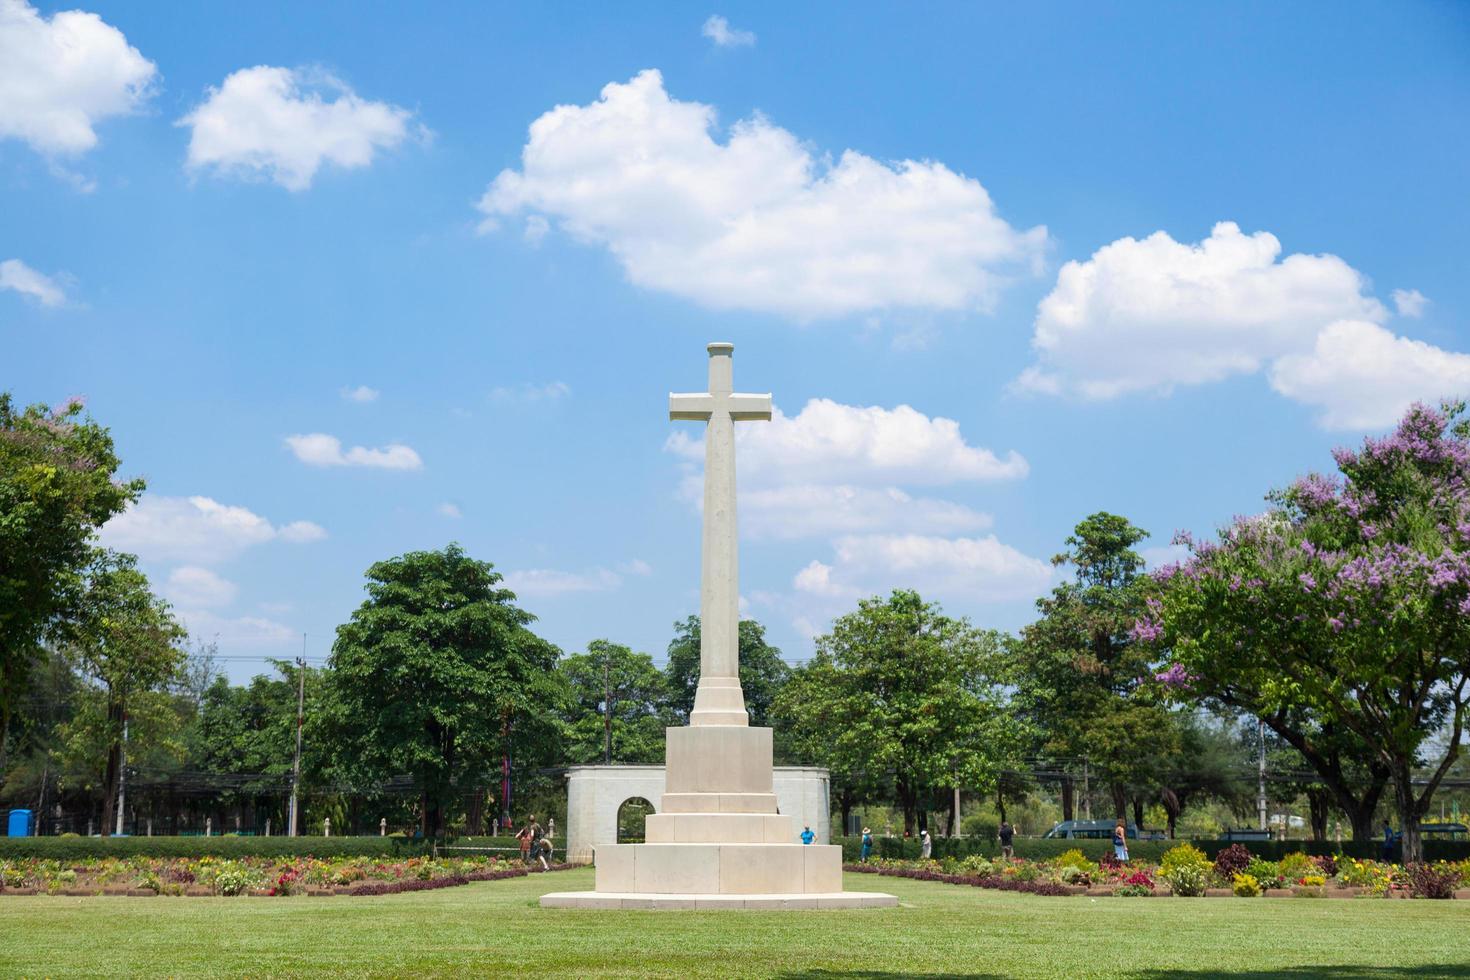 cruz en el cementerio foto